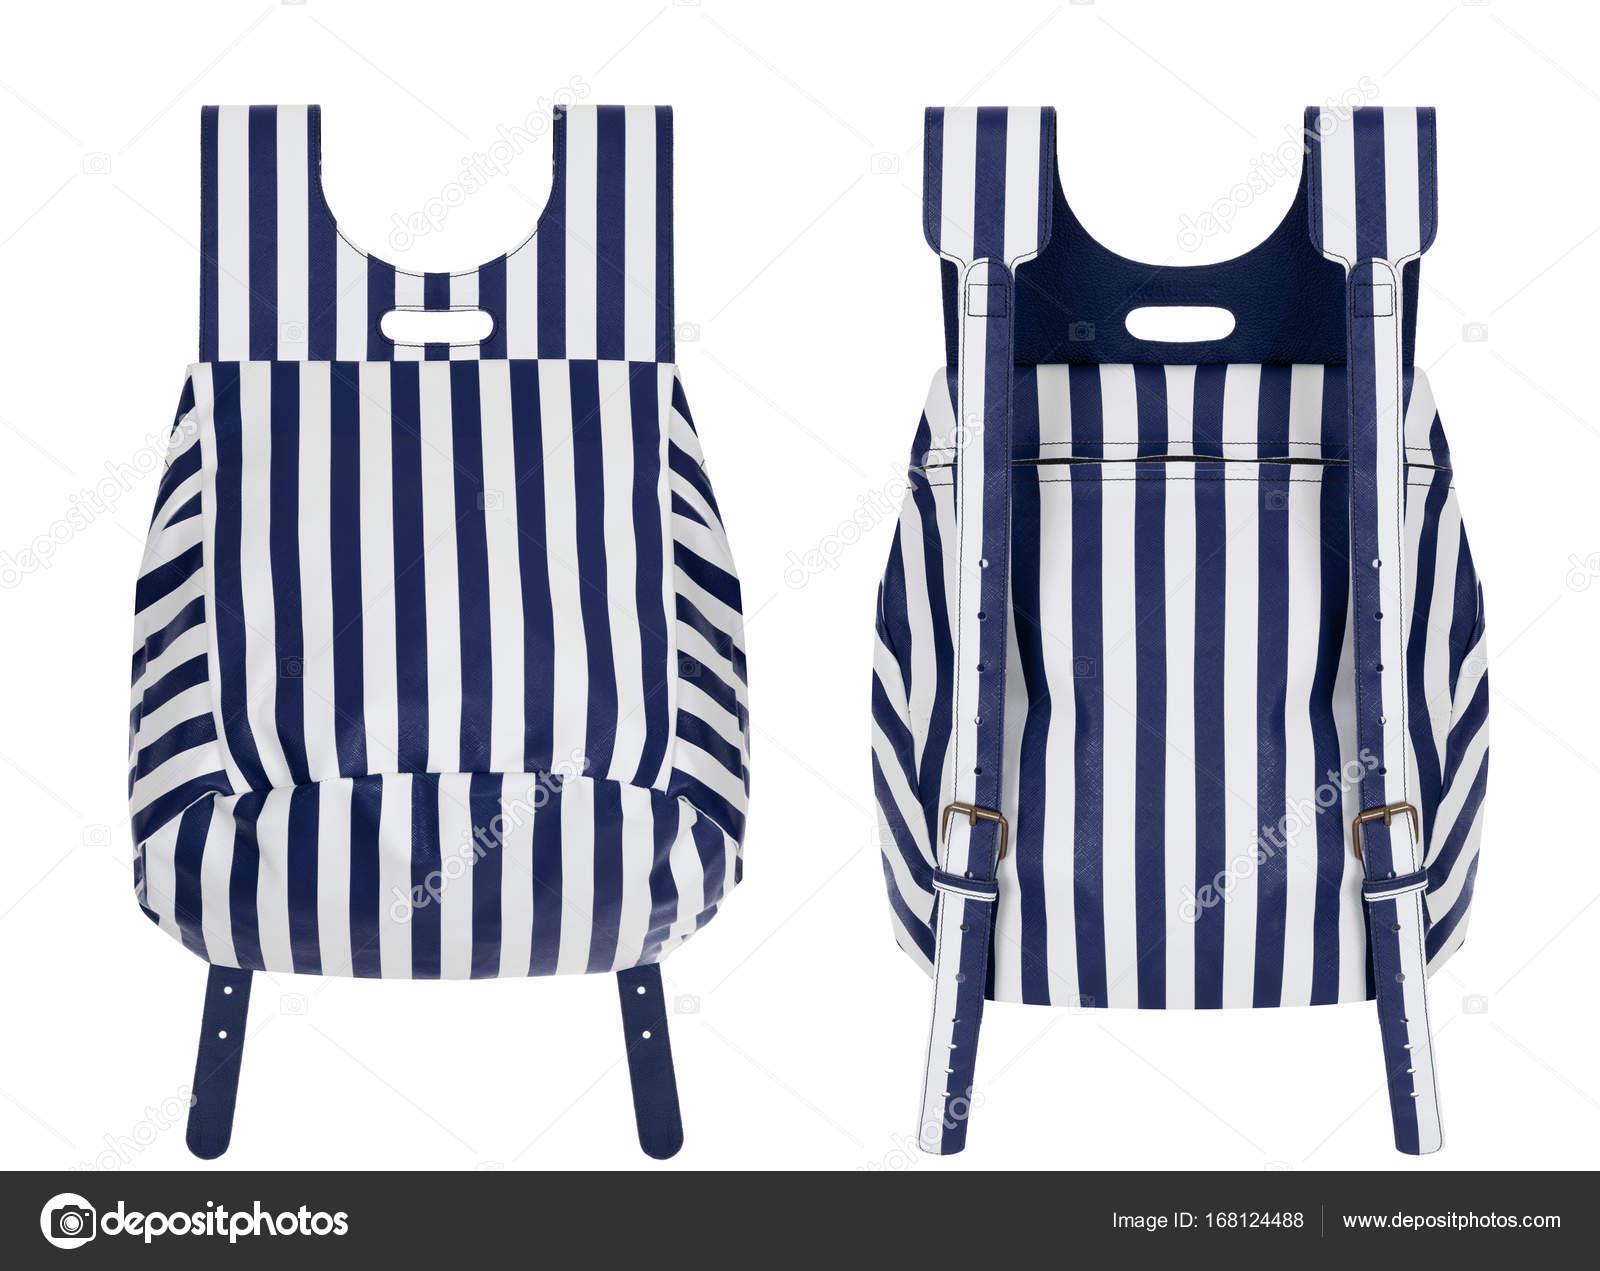 bc1b8fcc4 Listras azul e branca de luxo lindo couro linda mochila em um fundo branco